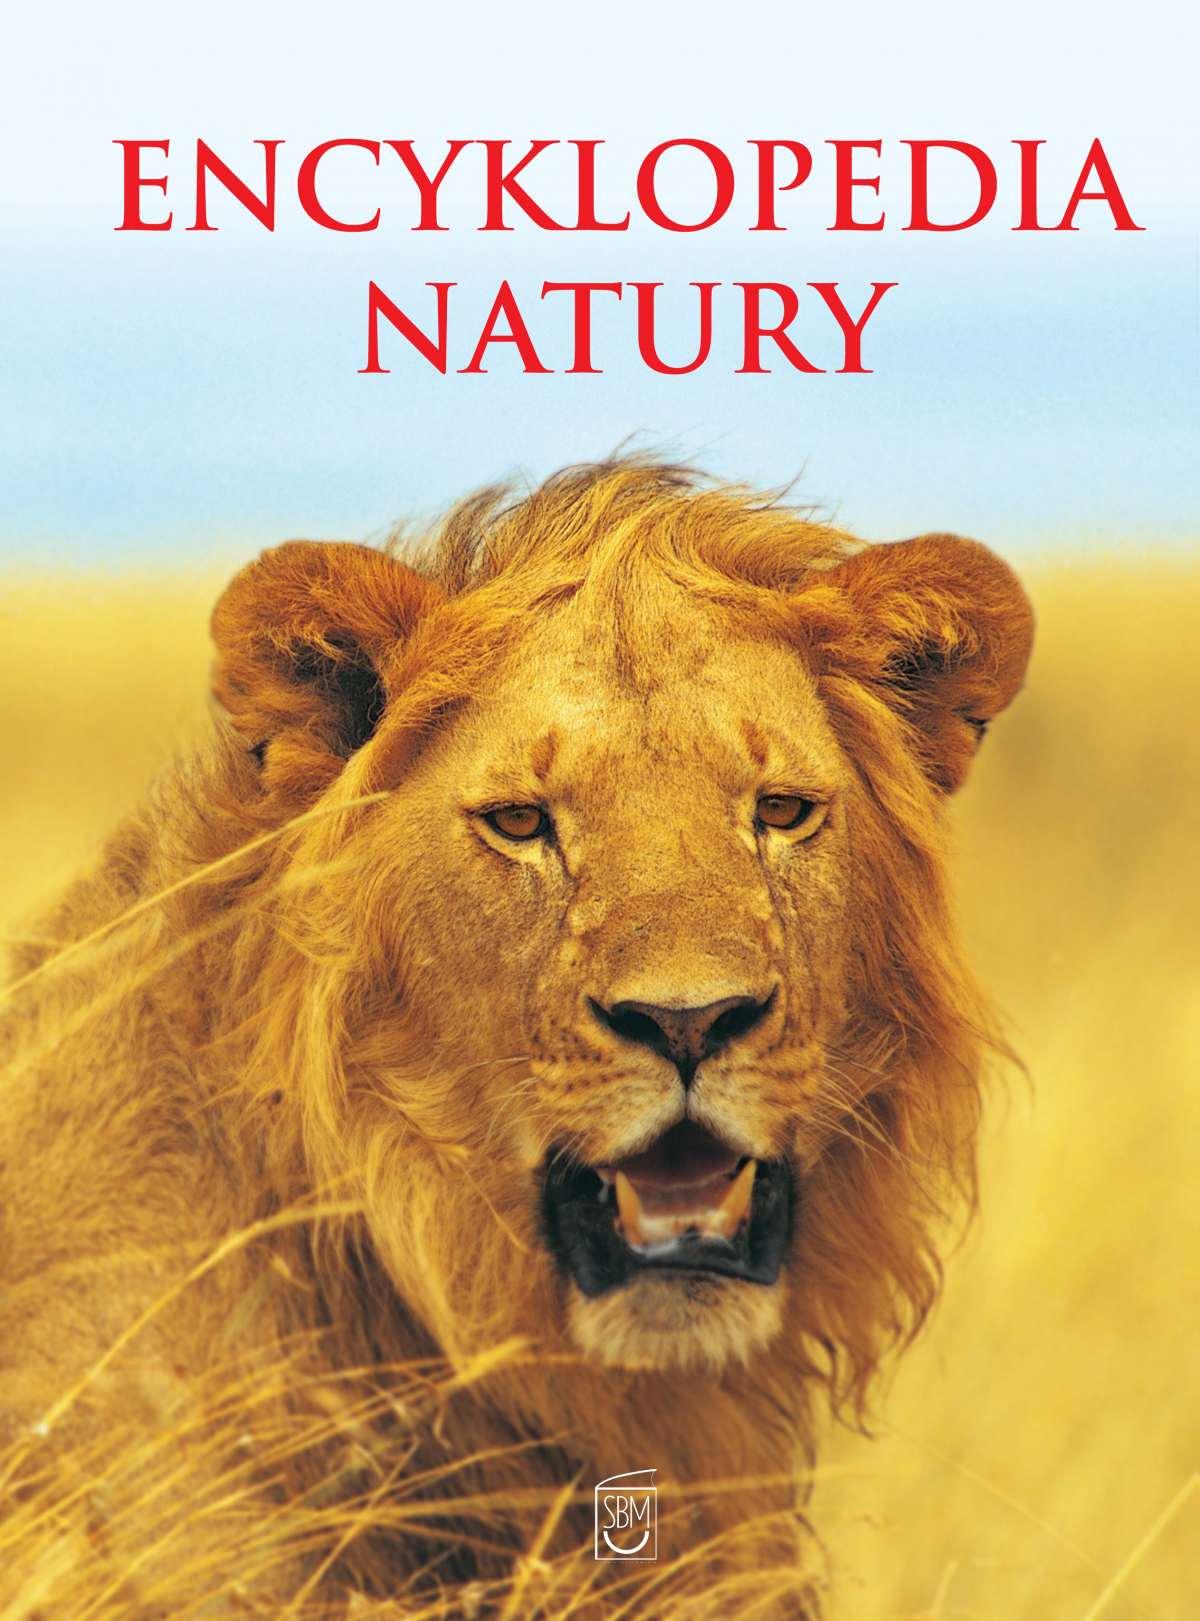 Encyklopedia natury - Ebook (Książka PDF) do pobrania w formacie PDF